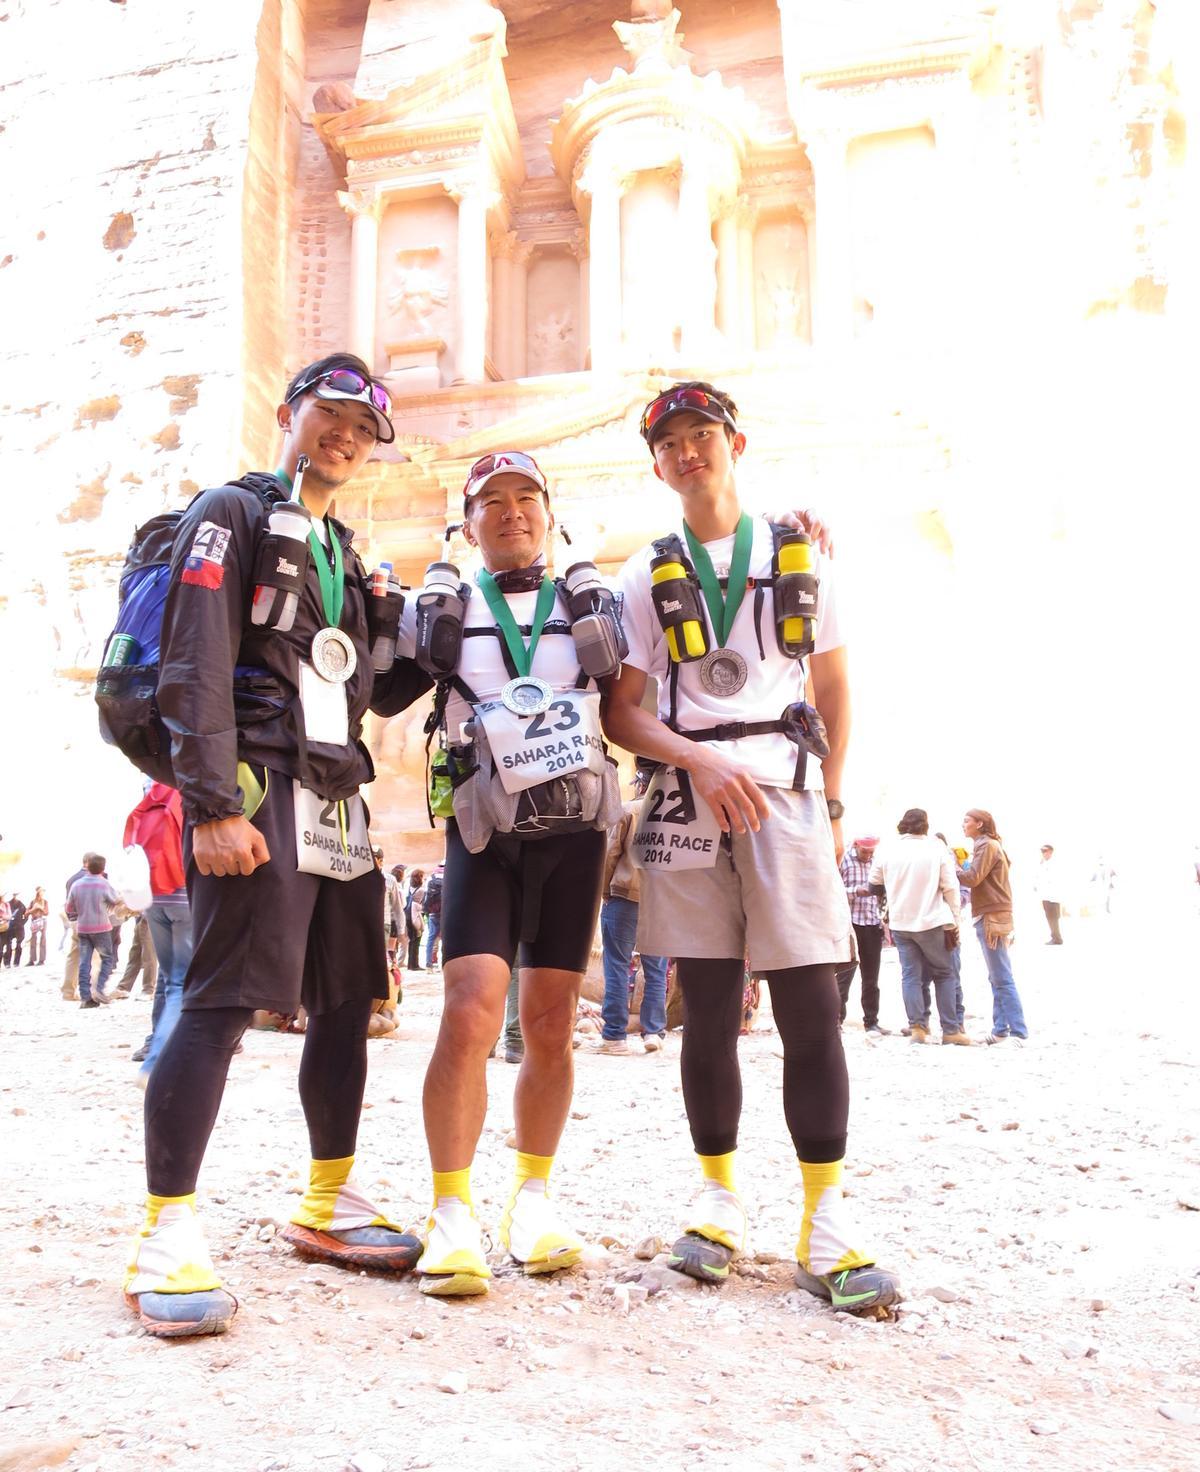 2014年,陳彥誠(右)與父親陳焜耀(中)、弟弟陳彥誌(左)挑戰撒哈拉沙漠超馬。(陳彥誠提供)